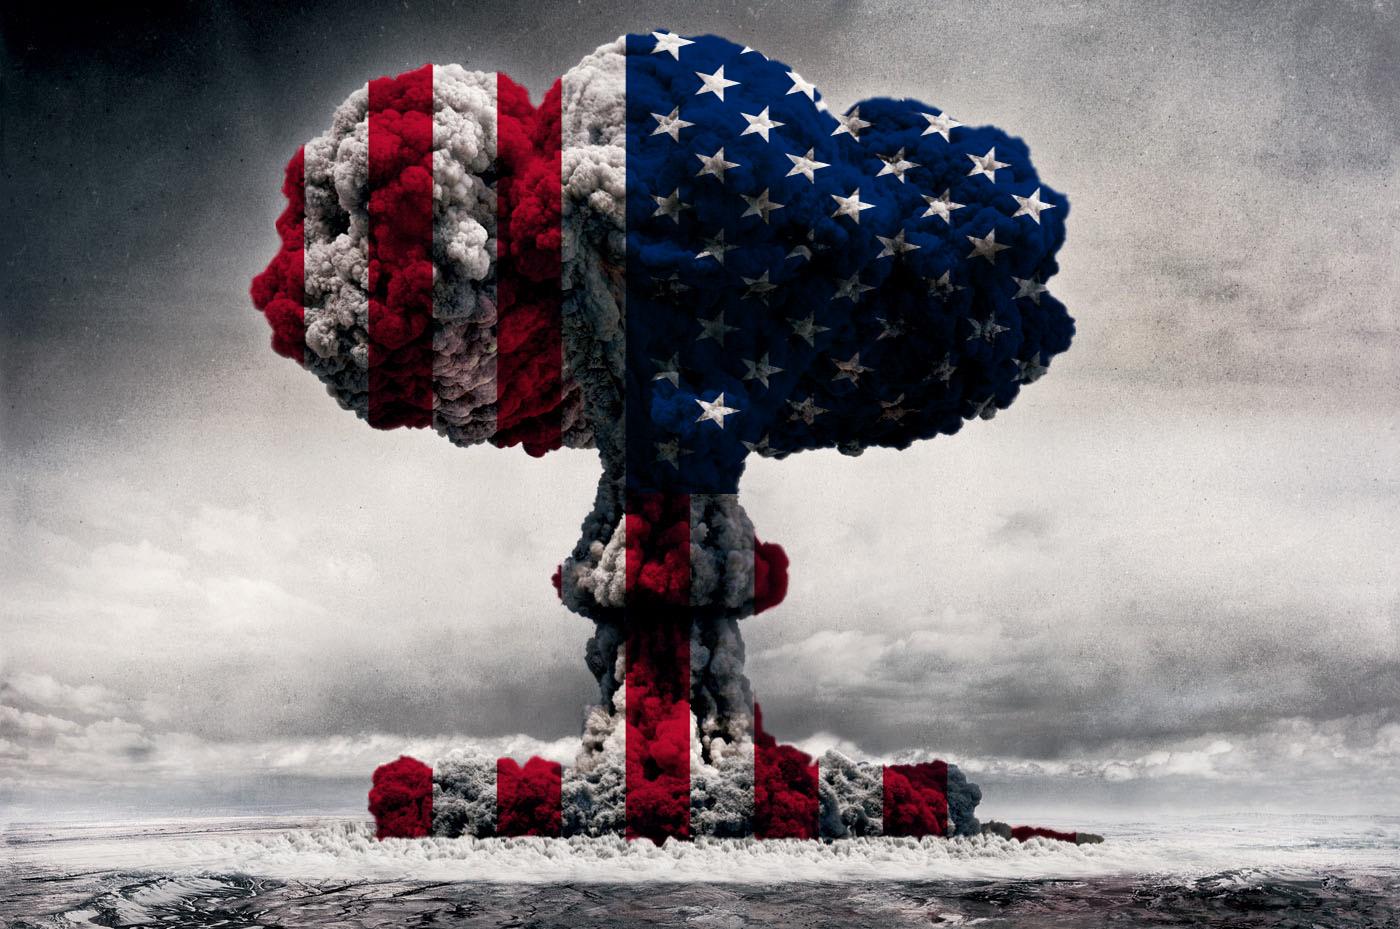 Chiến dịch Kền kền – kế hoạch giải cứu Điện Biên Phủ bằng bom hạt nhân của Mỹ